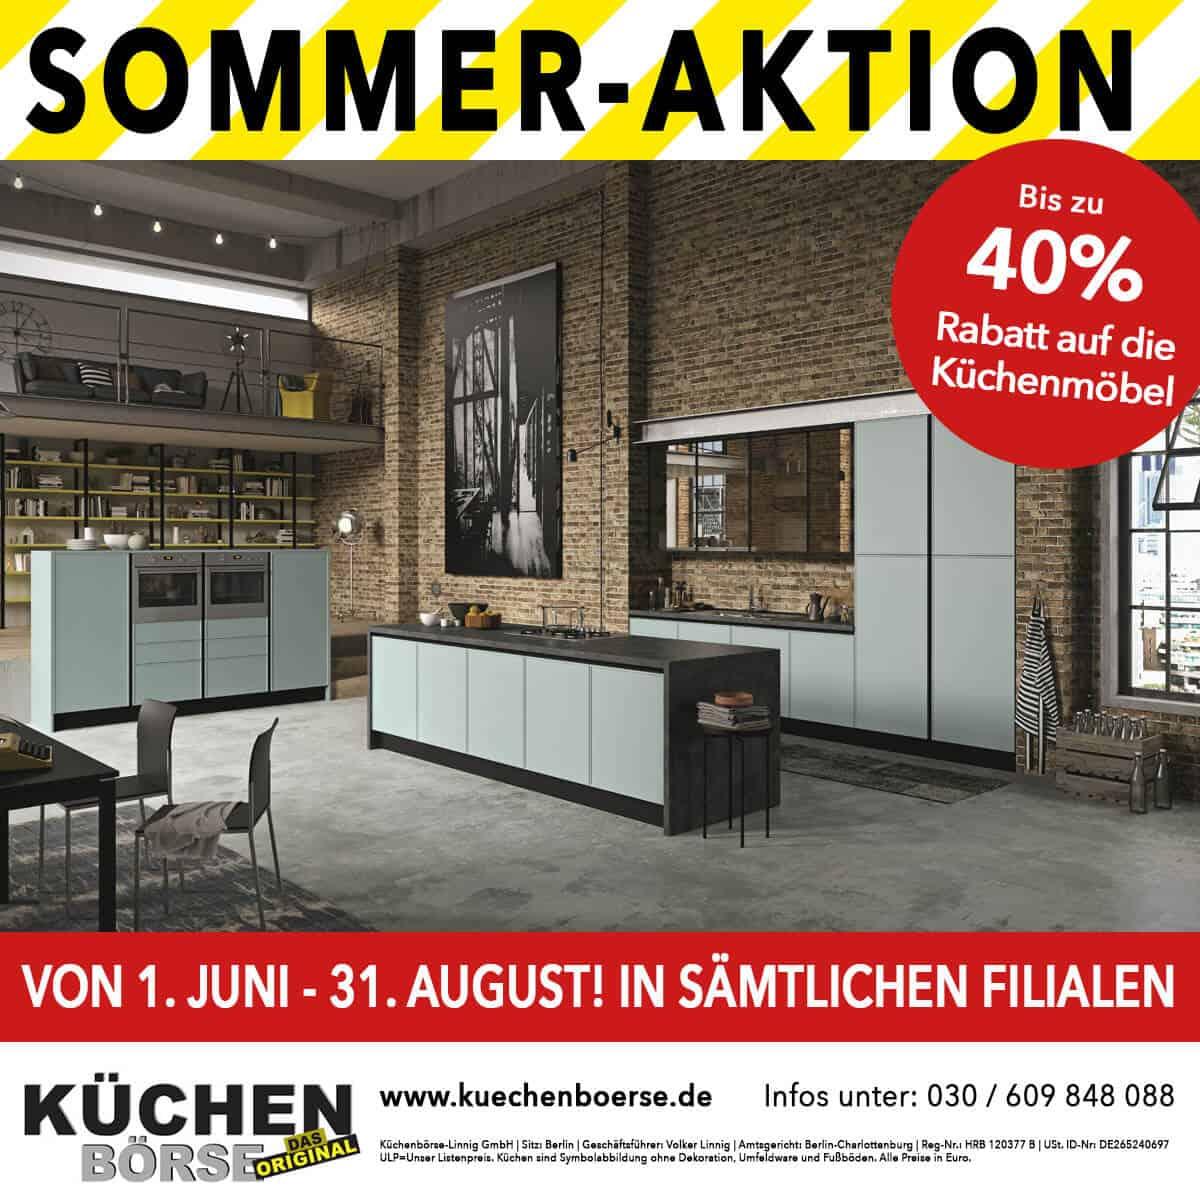 Sommer-Aktion bis zu 40% auf Küchenmöbel - Küchenbörse Berlin